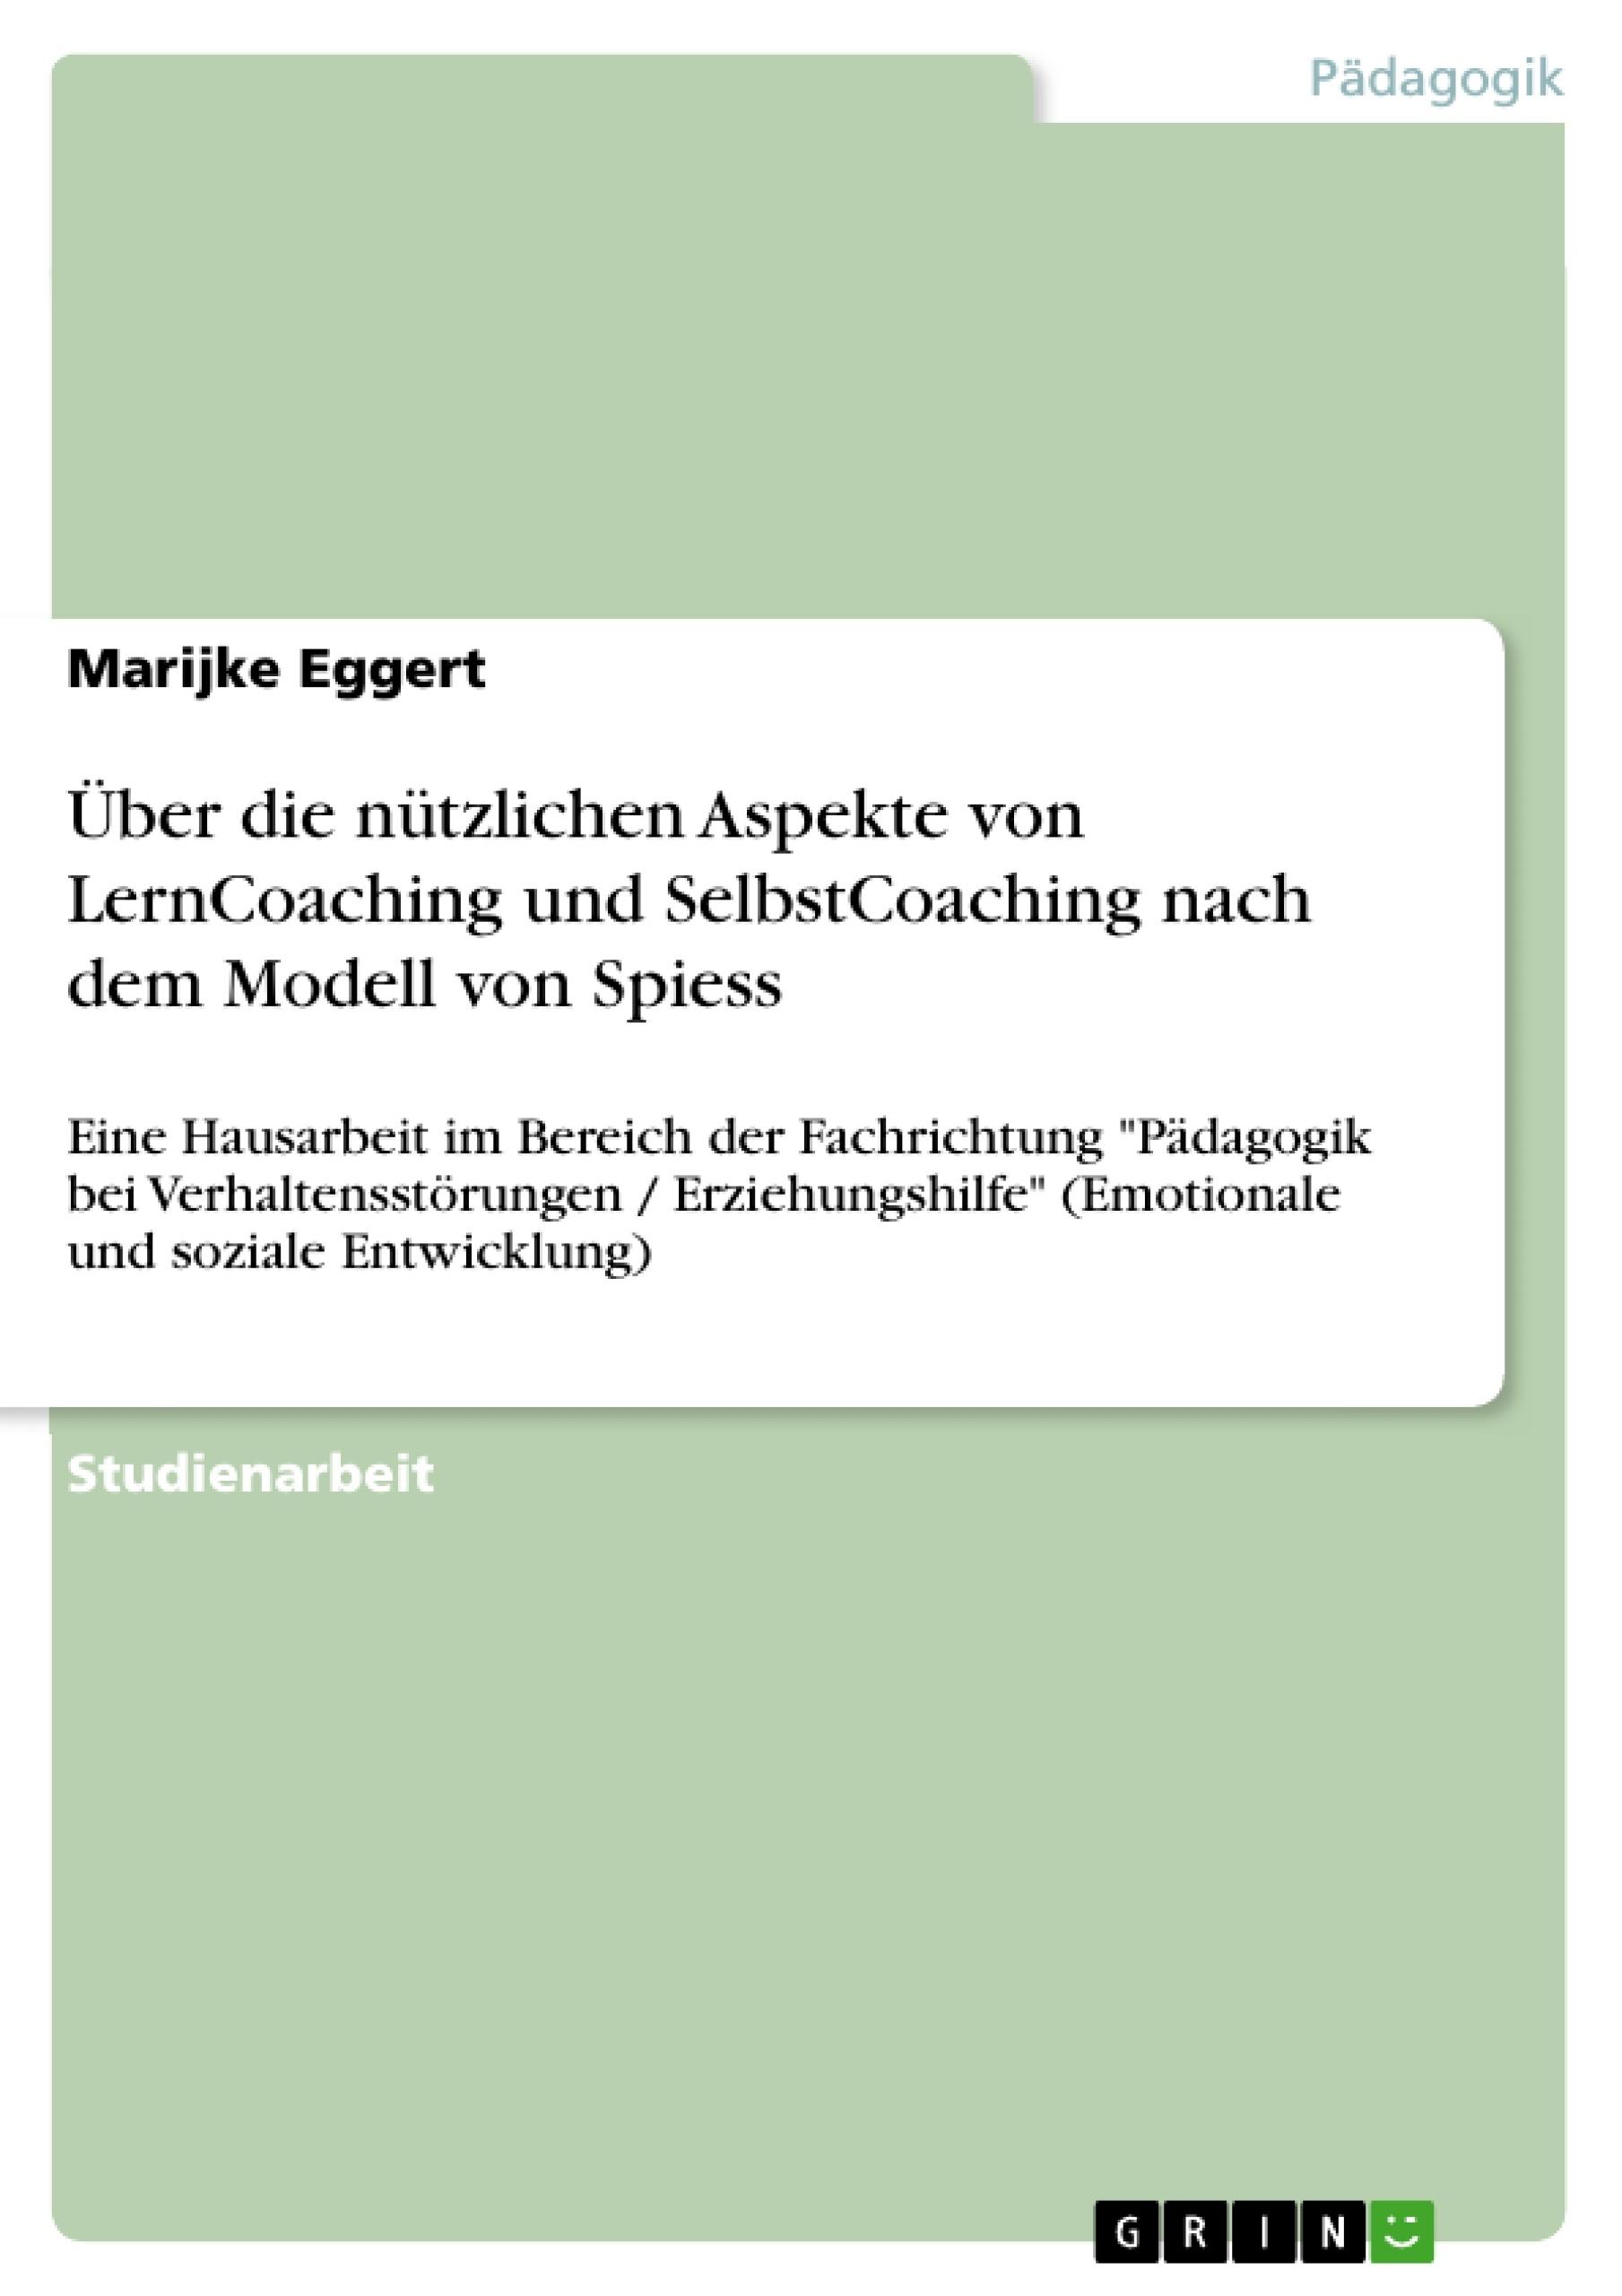 Titel: Über die nützlichen Aspekte von LernCoaching und SelbstCoaching nach dem Modell von Spiess